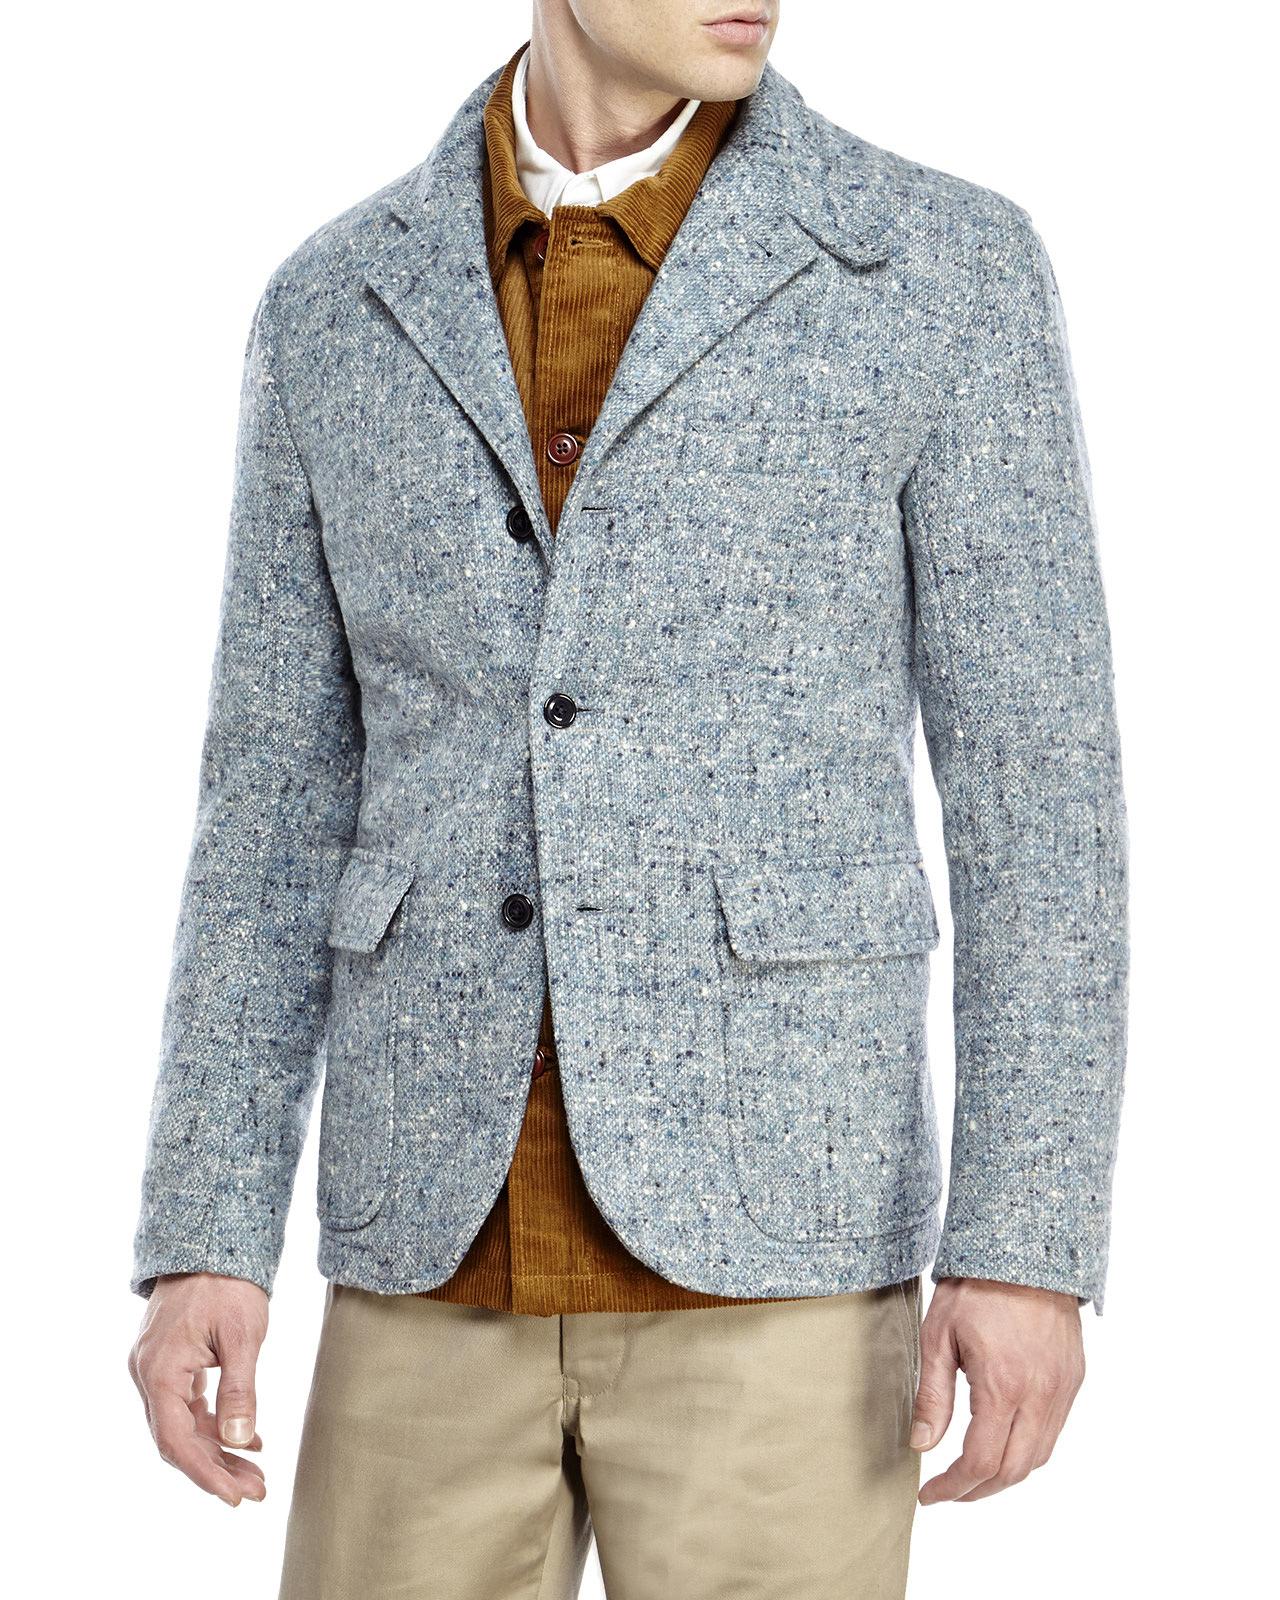 Woolrich Tweed Blazer